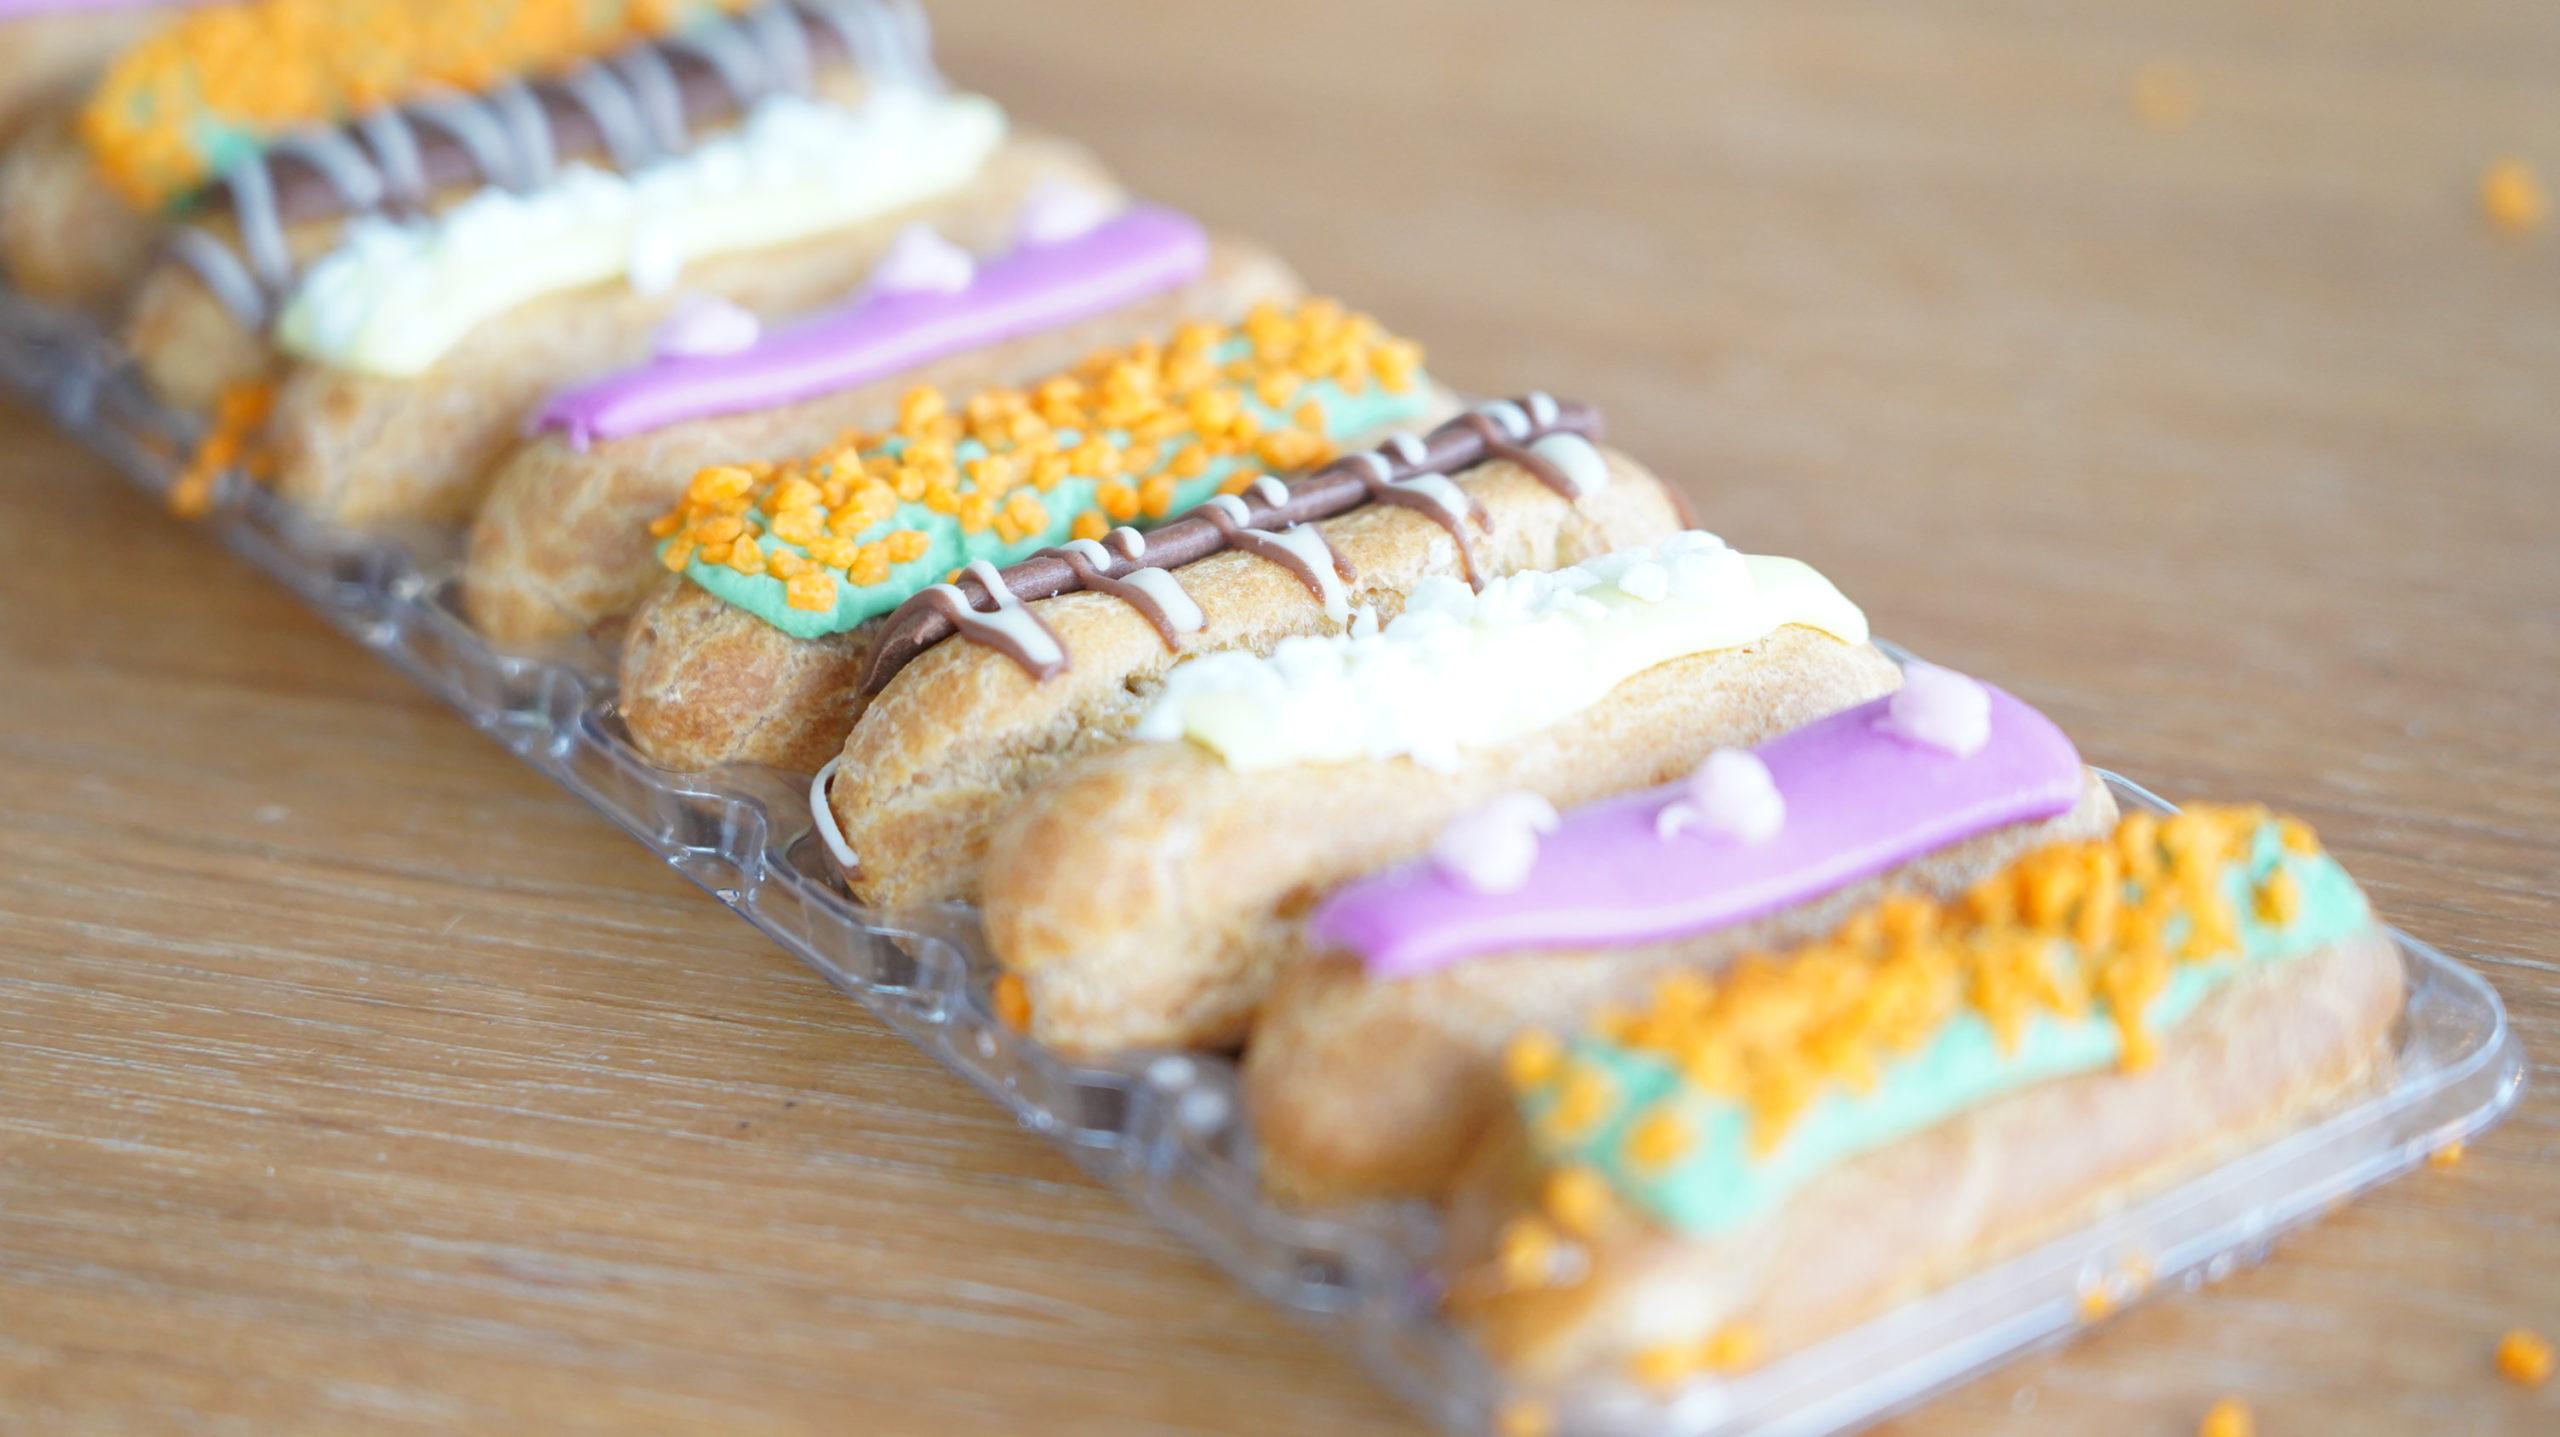 ピカールの冷凍食品「食いしん坊のミニエクレア」の拡大写真